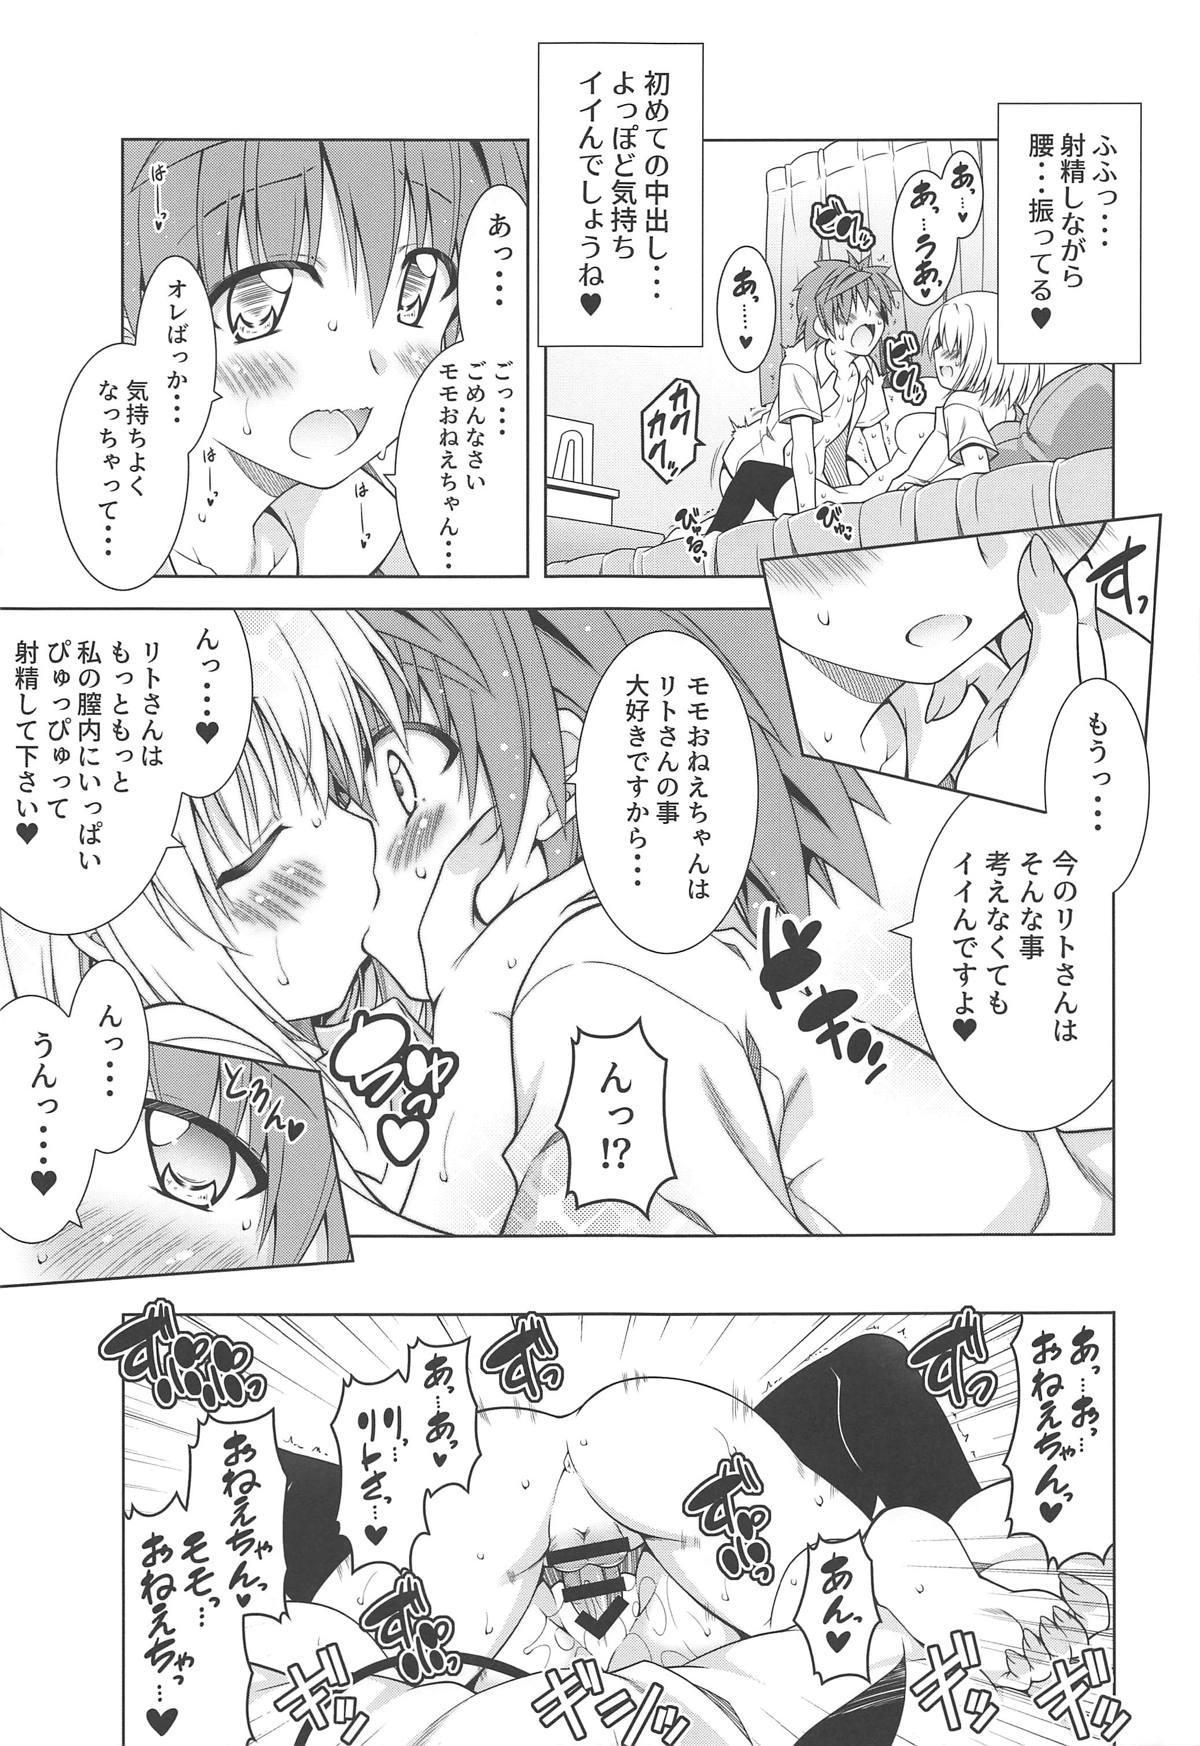 Rito-san no Harem Seikatsu 7 20